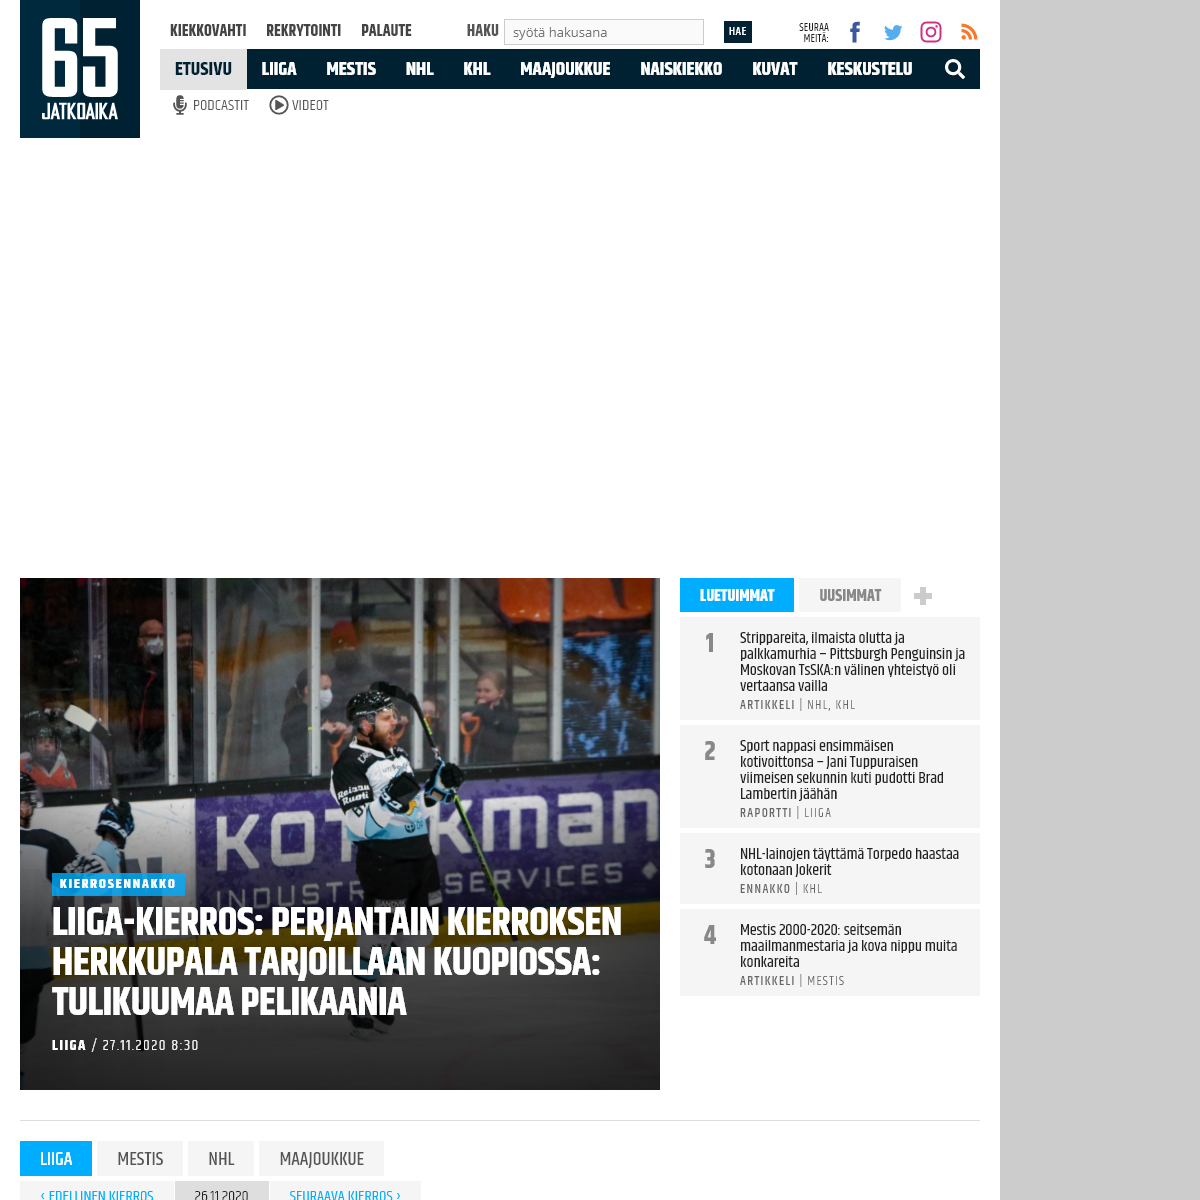 Jatkoaika.com - Kaikki jääkiekosta